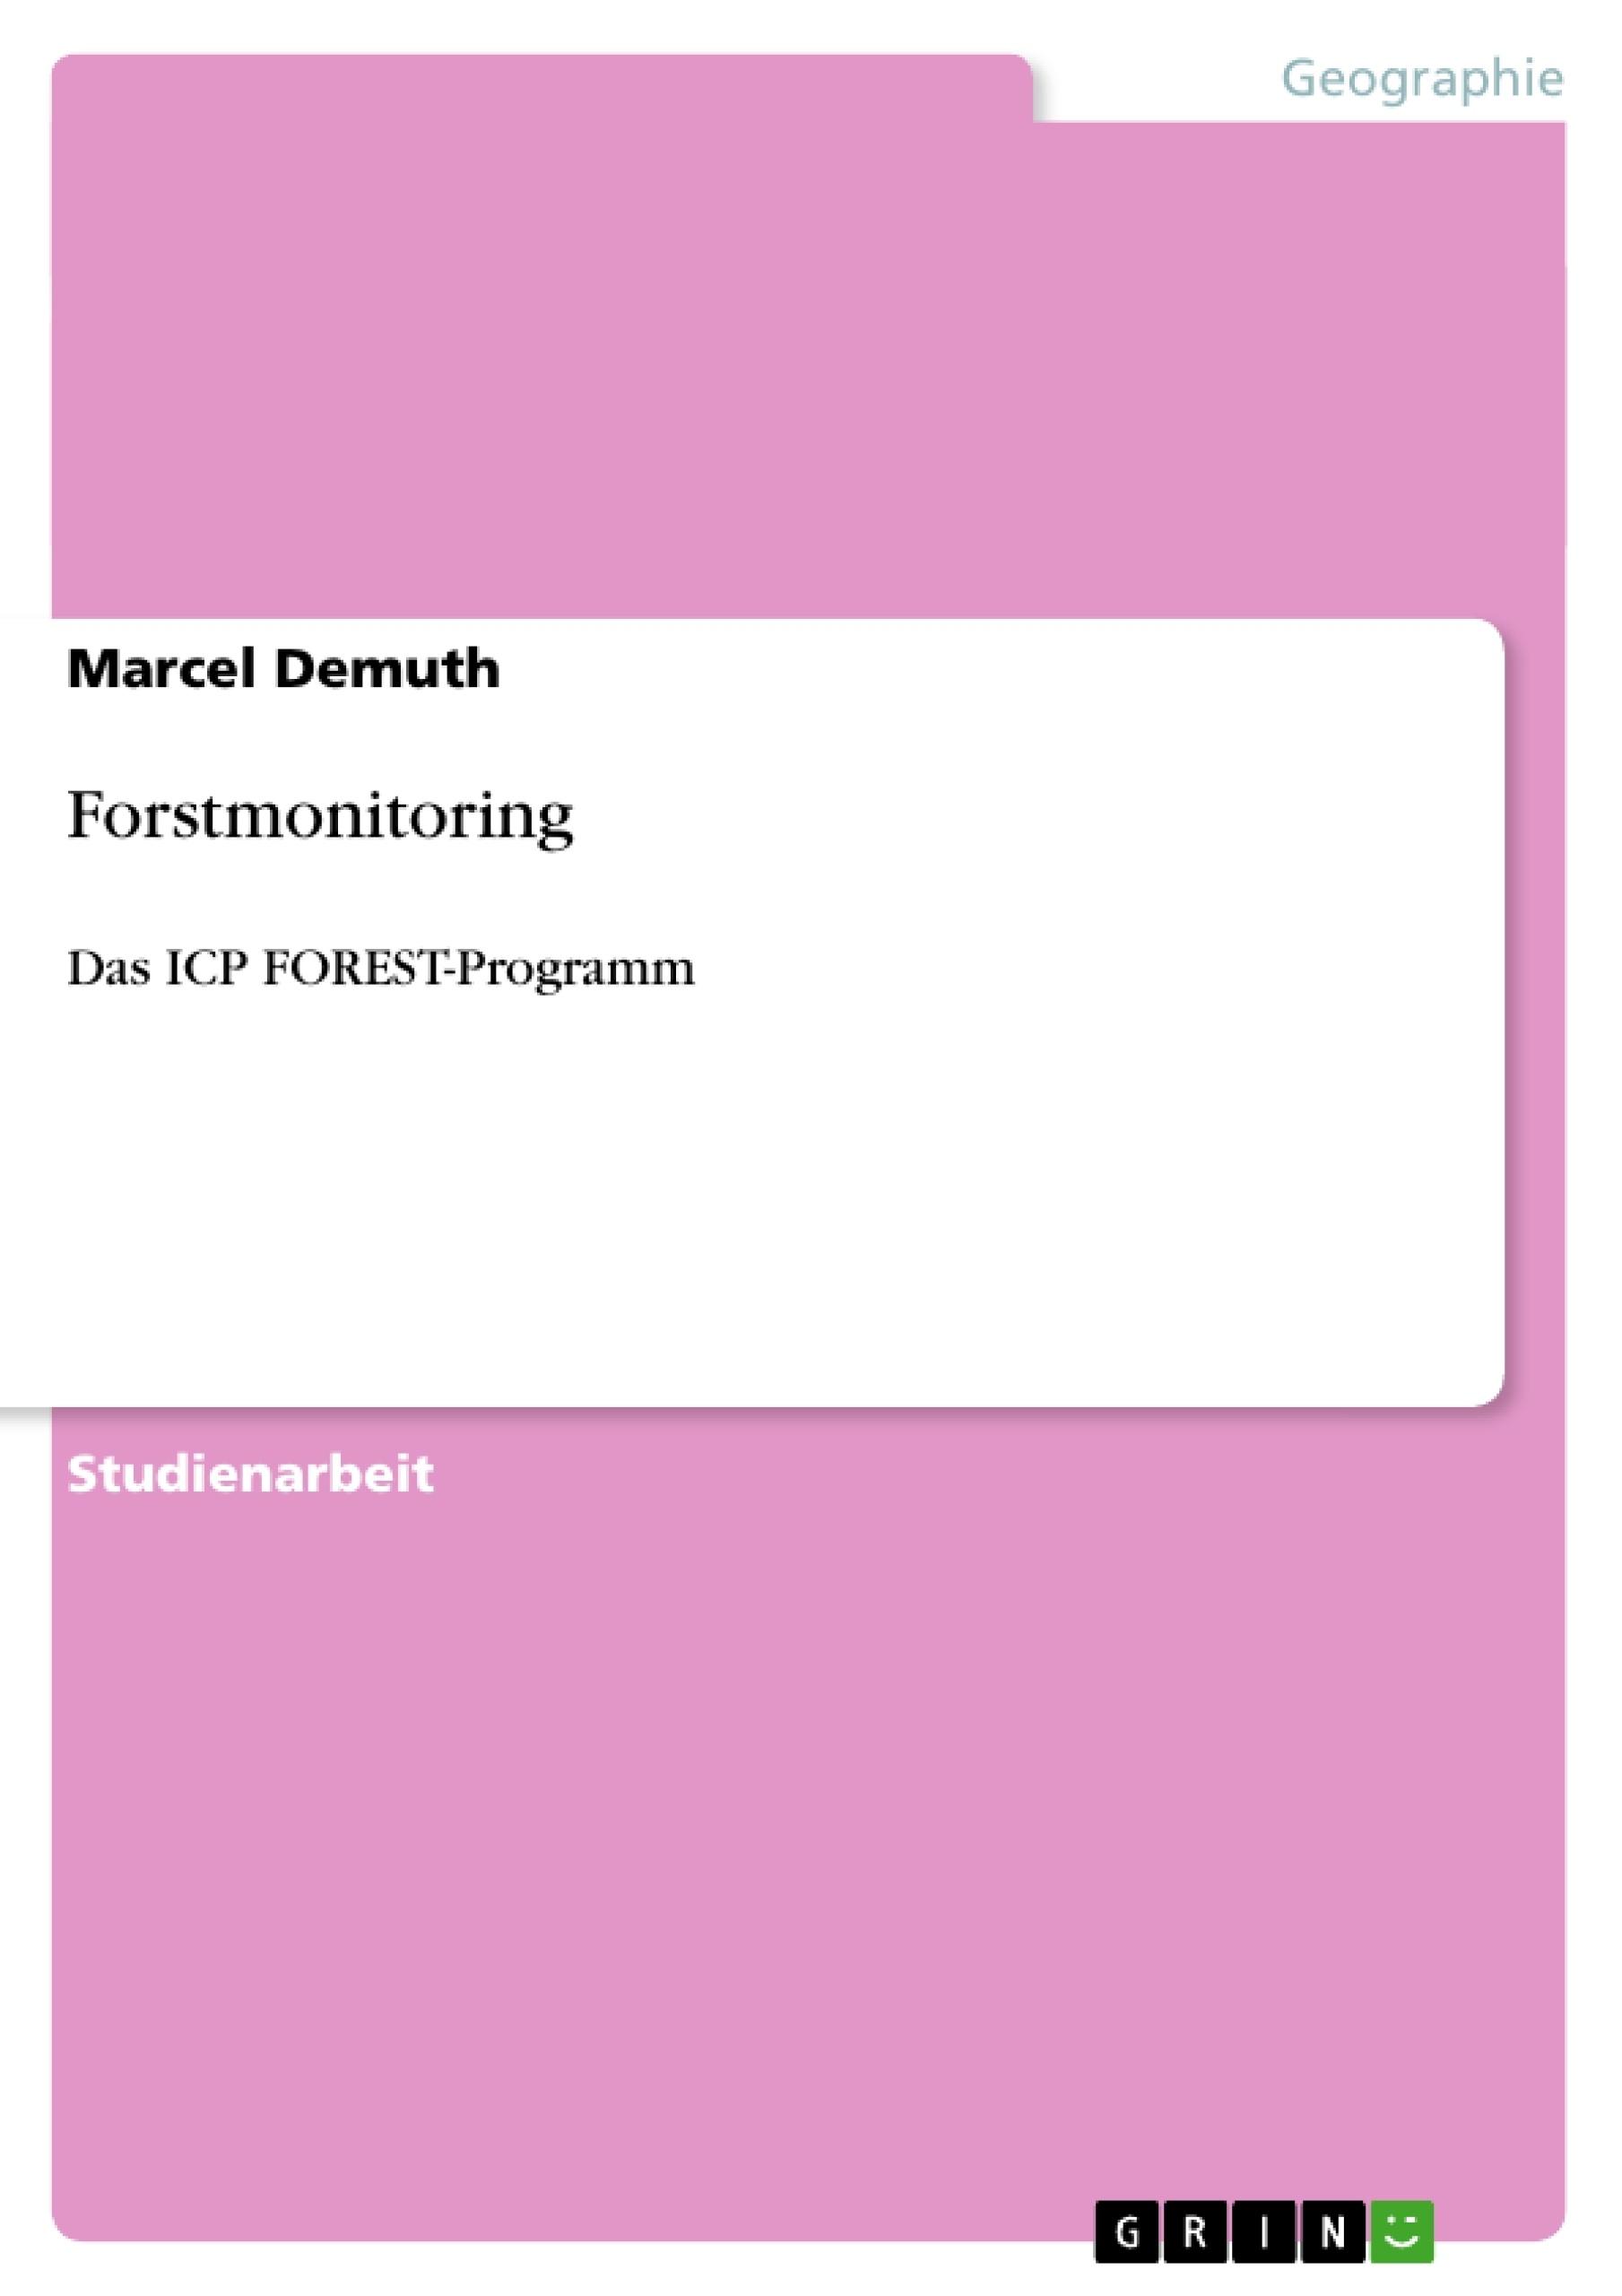 Titel: Forstmonitoring